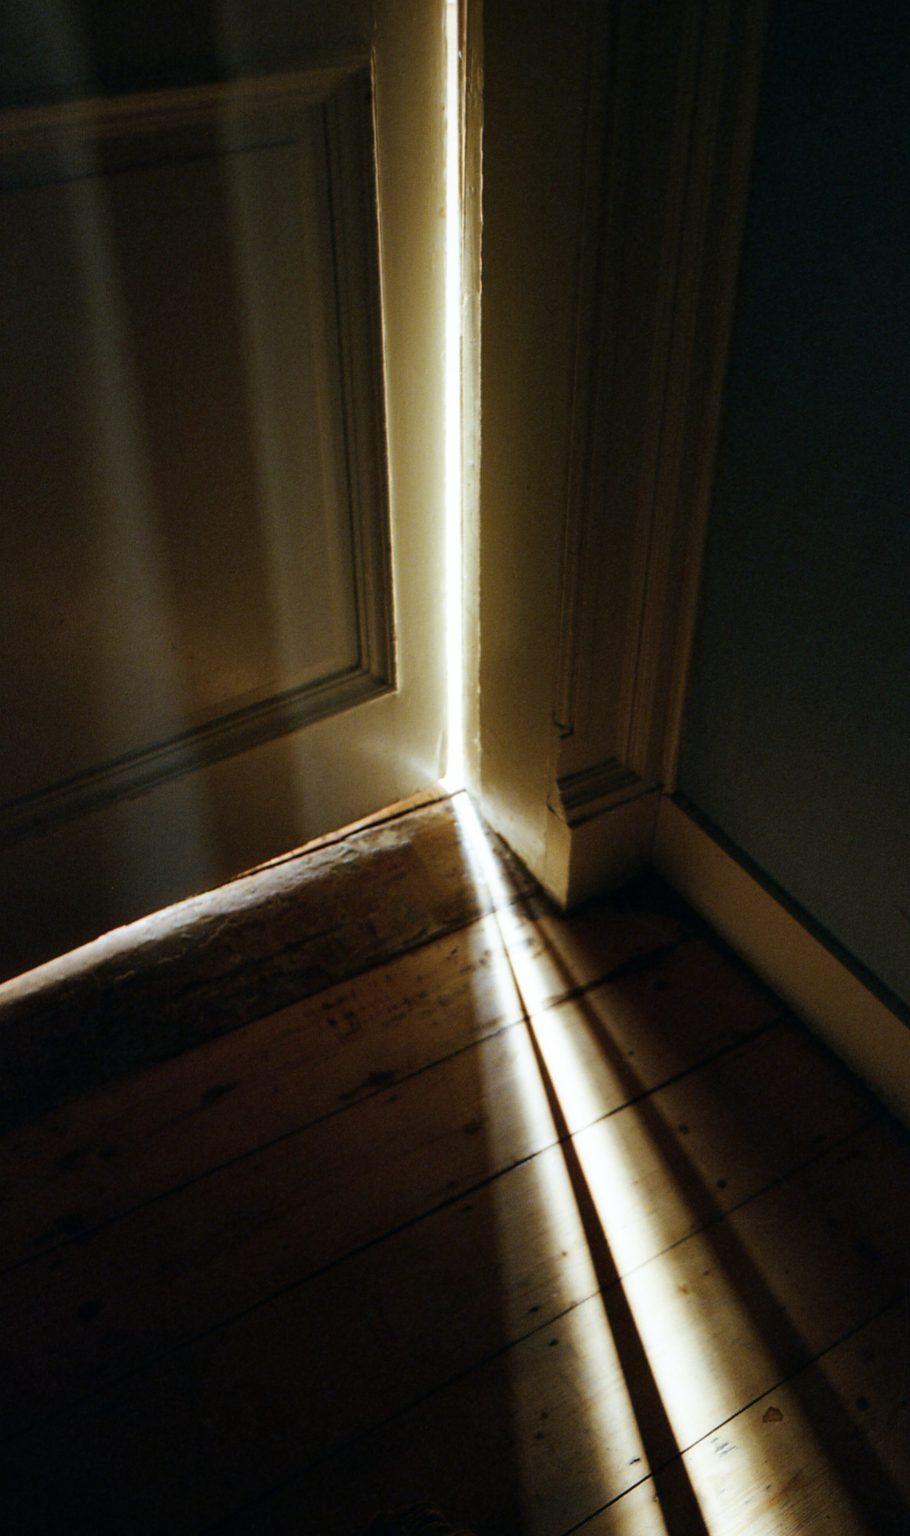 Door Cracked Open with Light Coming Through